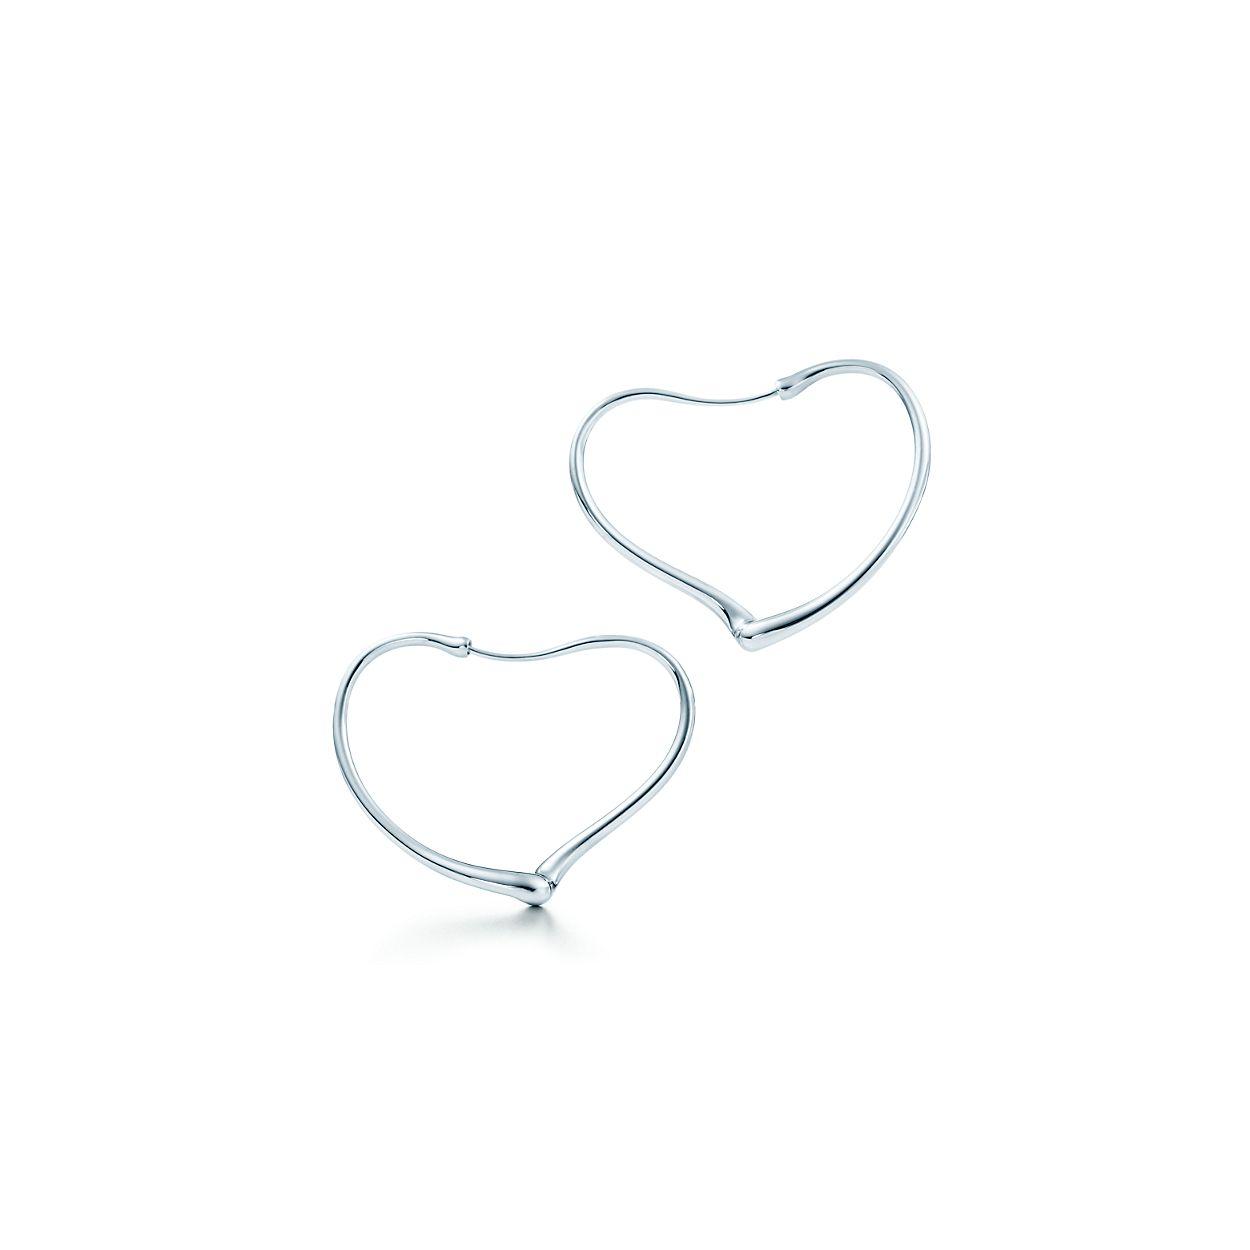 Elsa Peretti Open Heart hoop earrings in sterling silver, small Tiffany & Co.